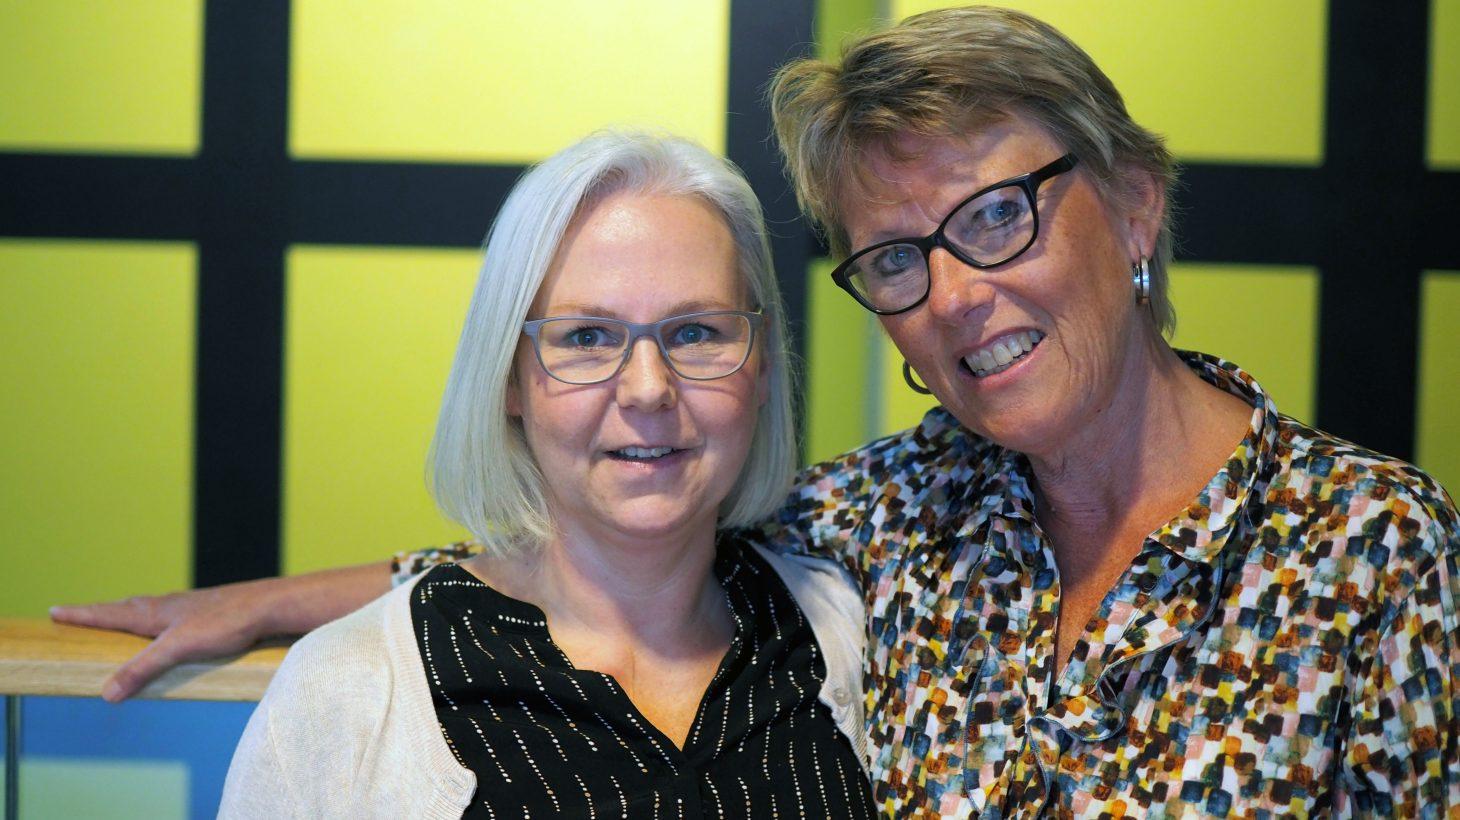 Åse Råstam och Lisbeth Bern är lärare på Komvux.